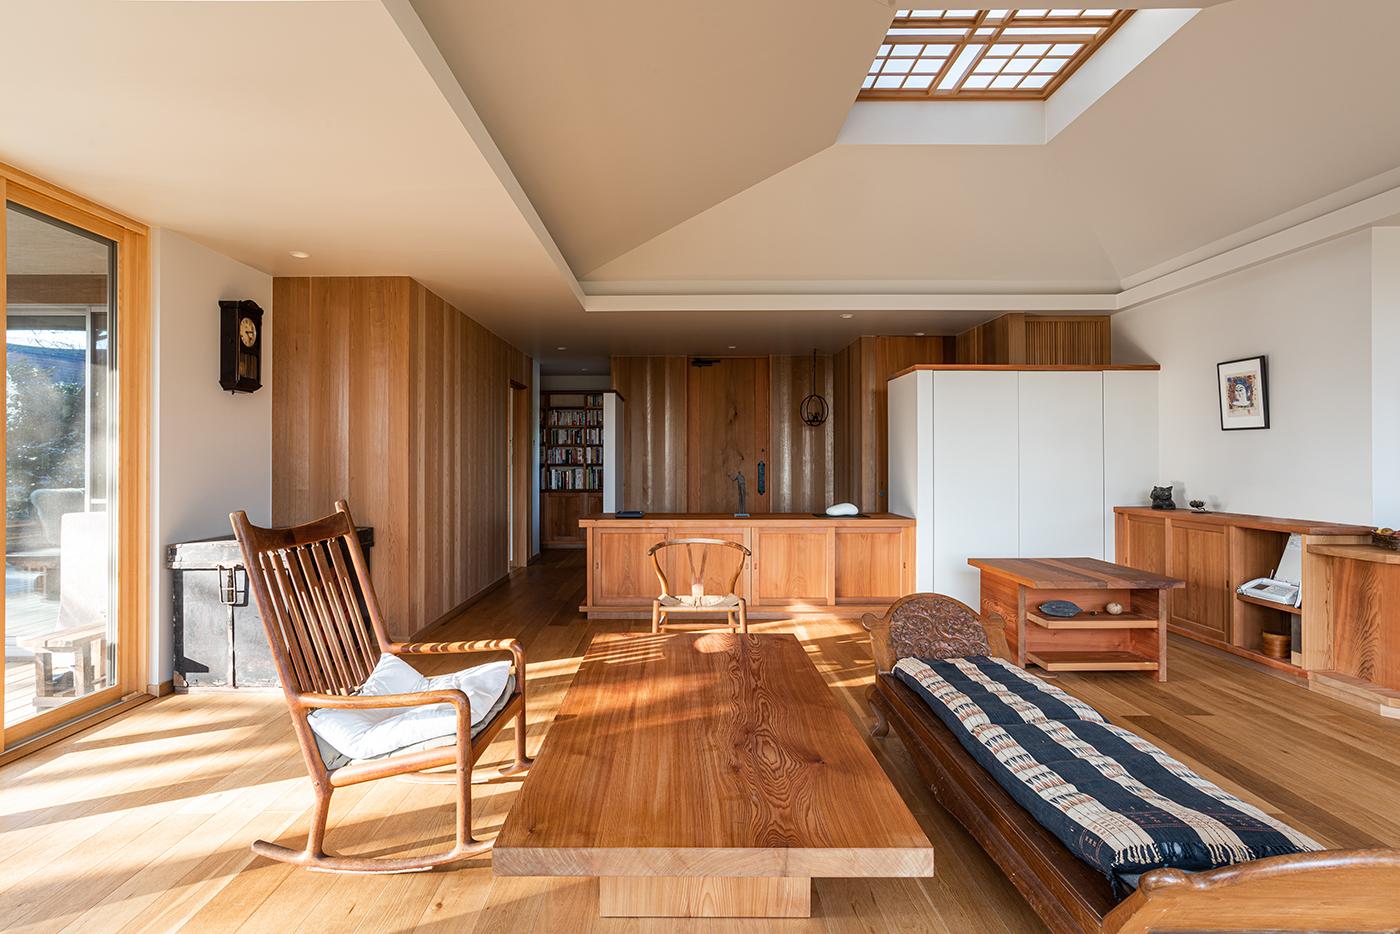 平屋、全館空調、天窓、ウッドデッキ、設計事務所、建築家、大磯、神奈川、海